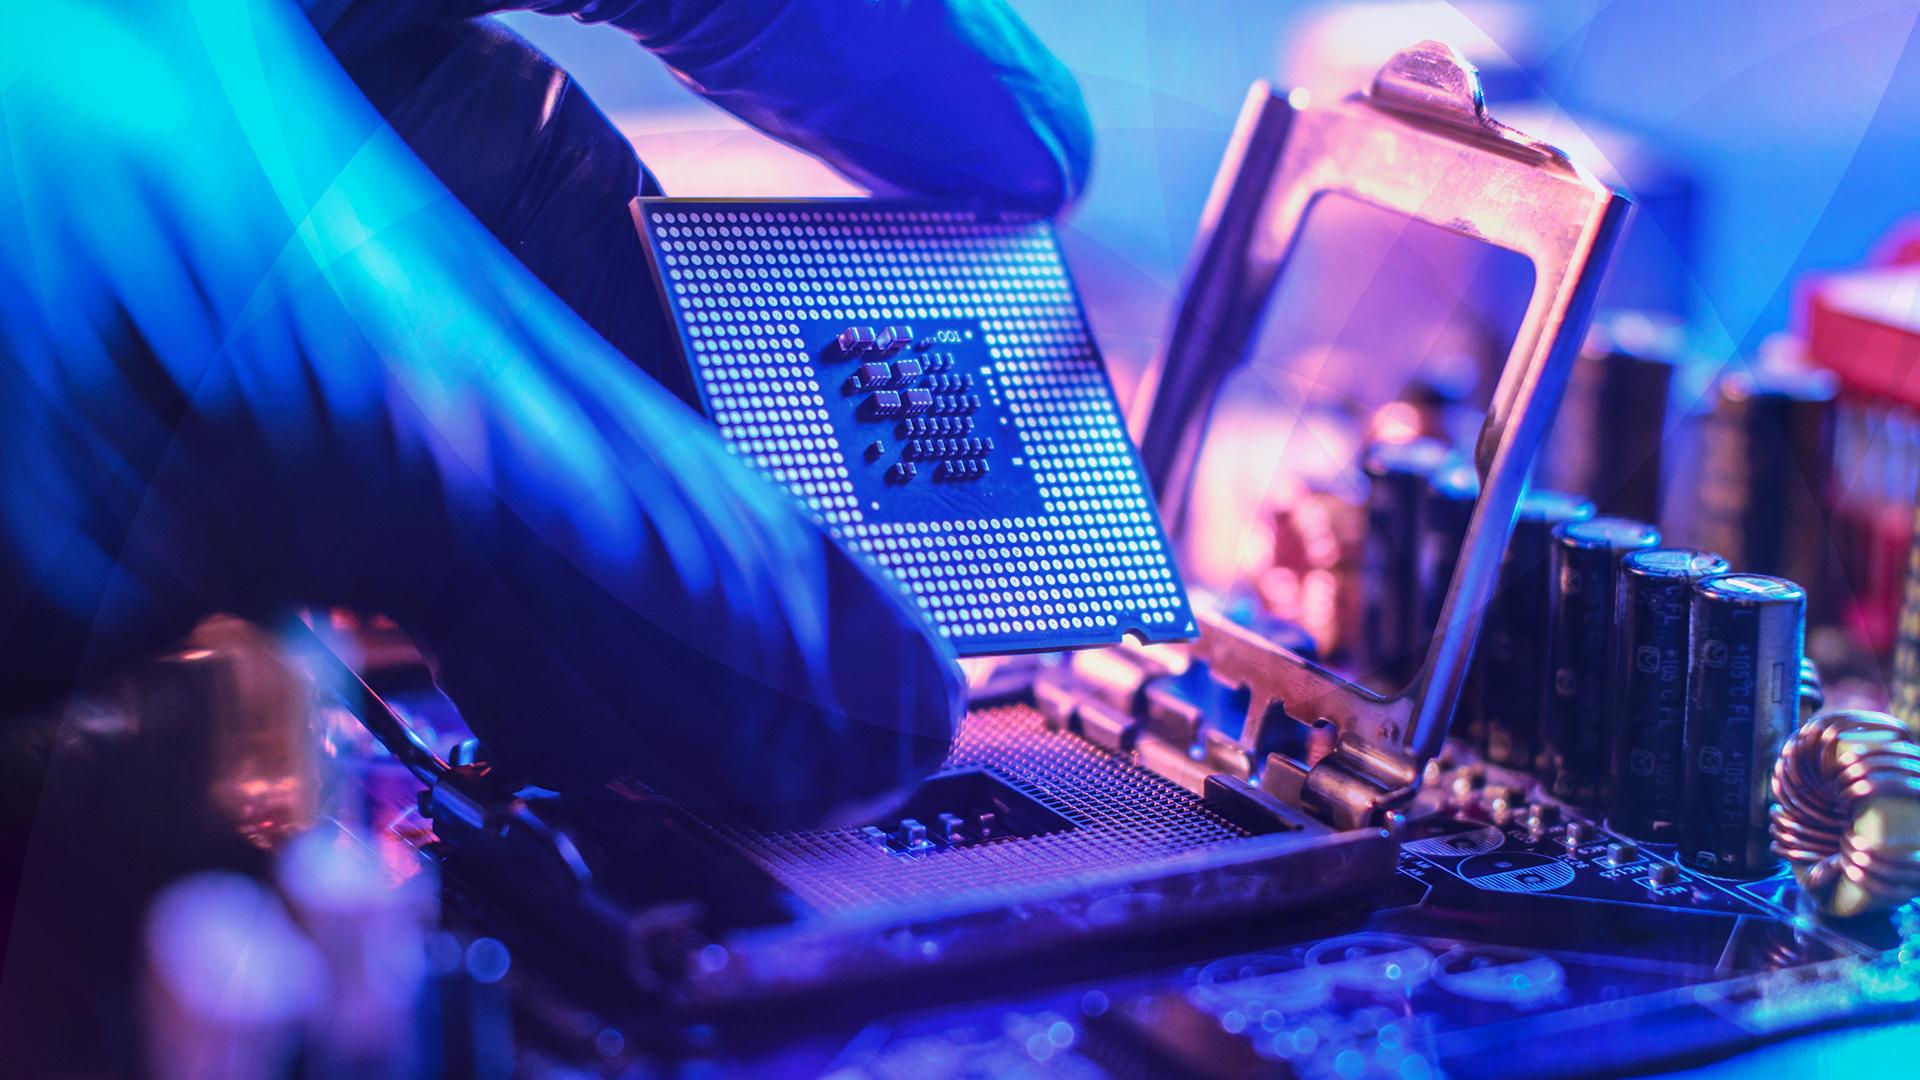 Prozessor, Cpu, Chip, SoC, Hardware, Gpu, Prozessoren, Chips, Mainboard, Nanometer, System On Chip, Motherboard, Platine, Leiterplatte, Kondensator, Kondensatoren